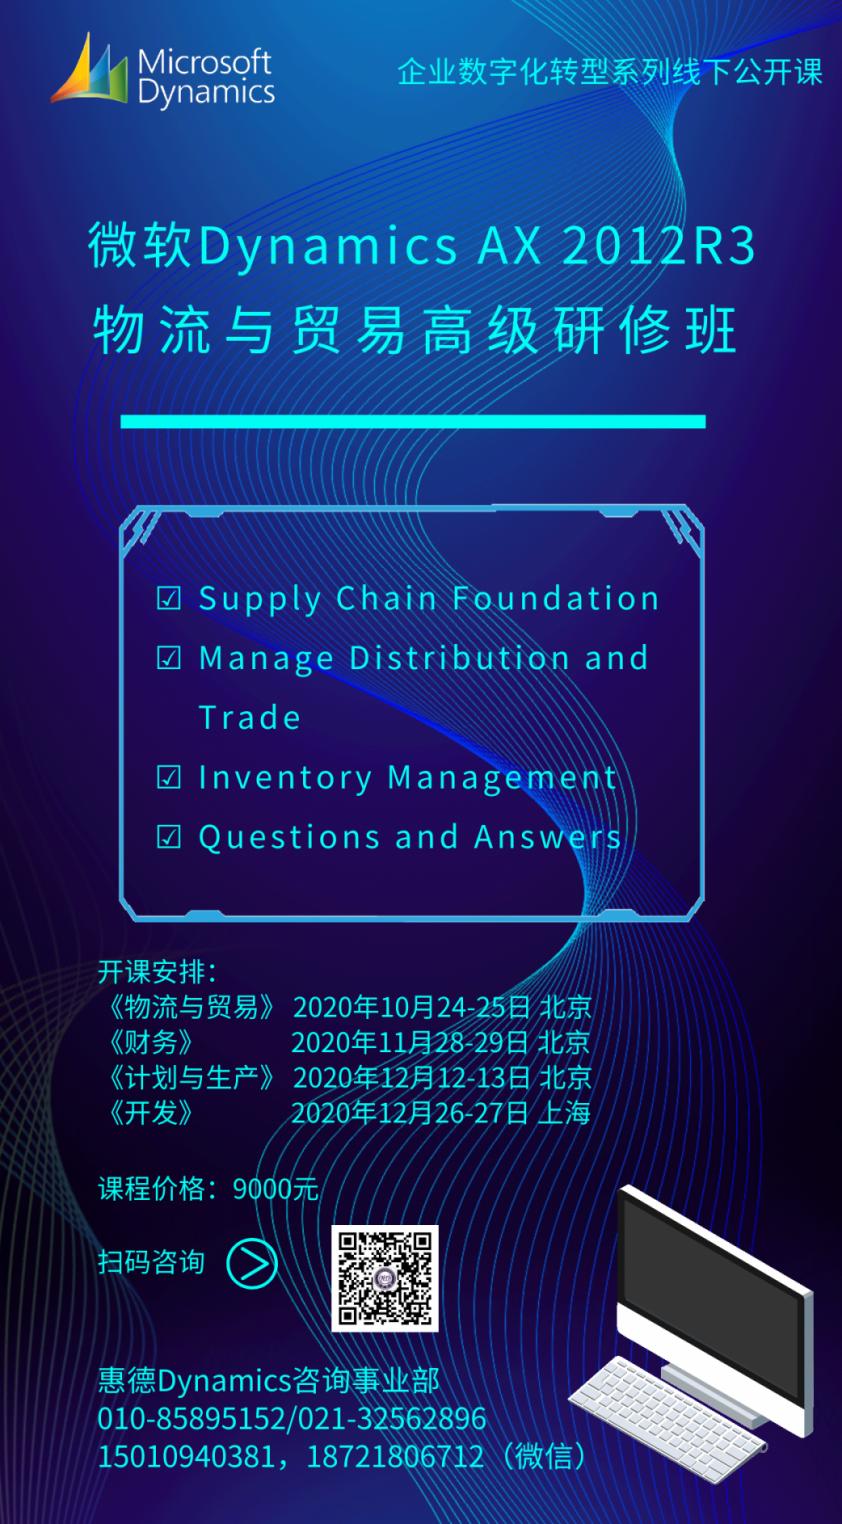 10月24-25日北京《微软Dynamics AX-物流与贸易高级研修班》.png